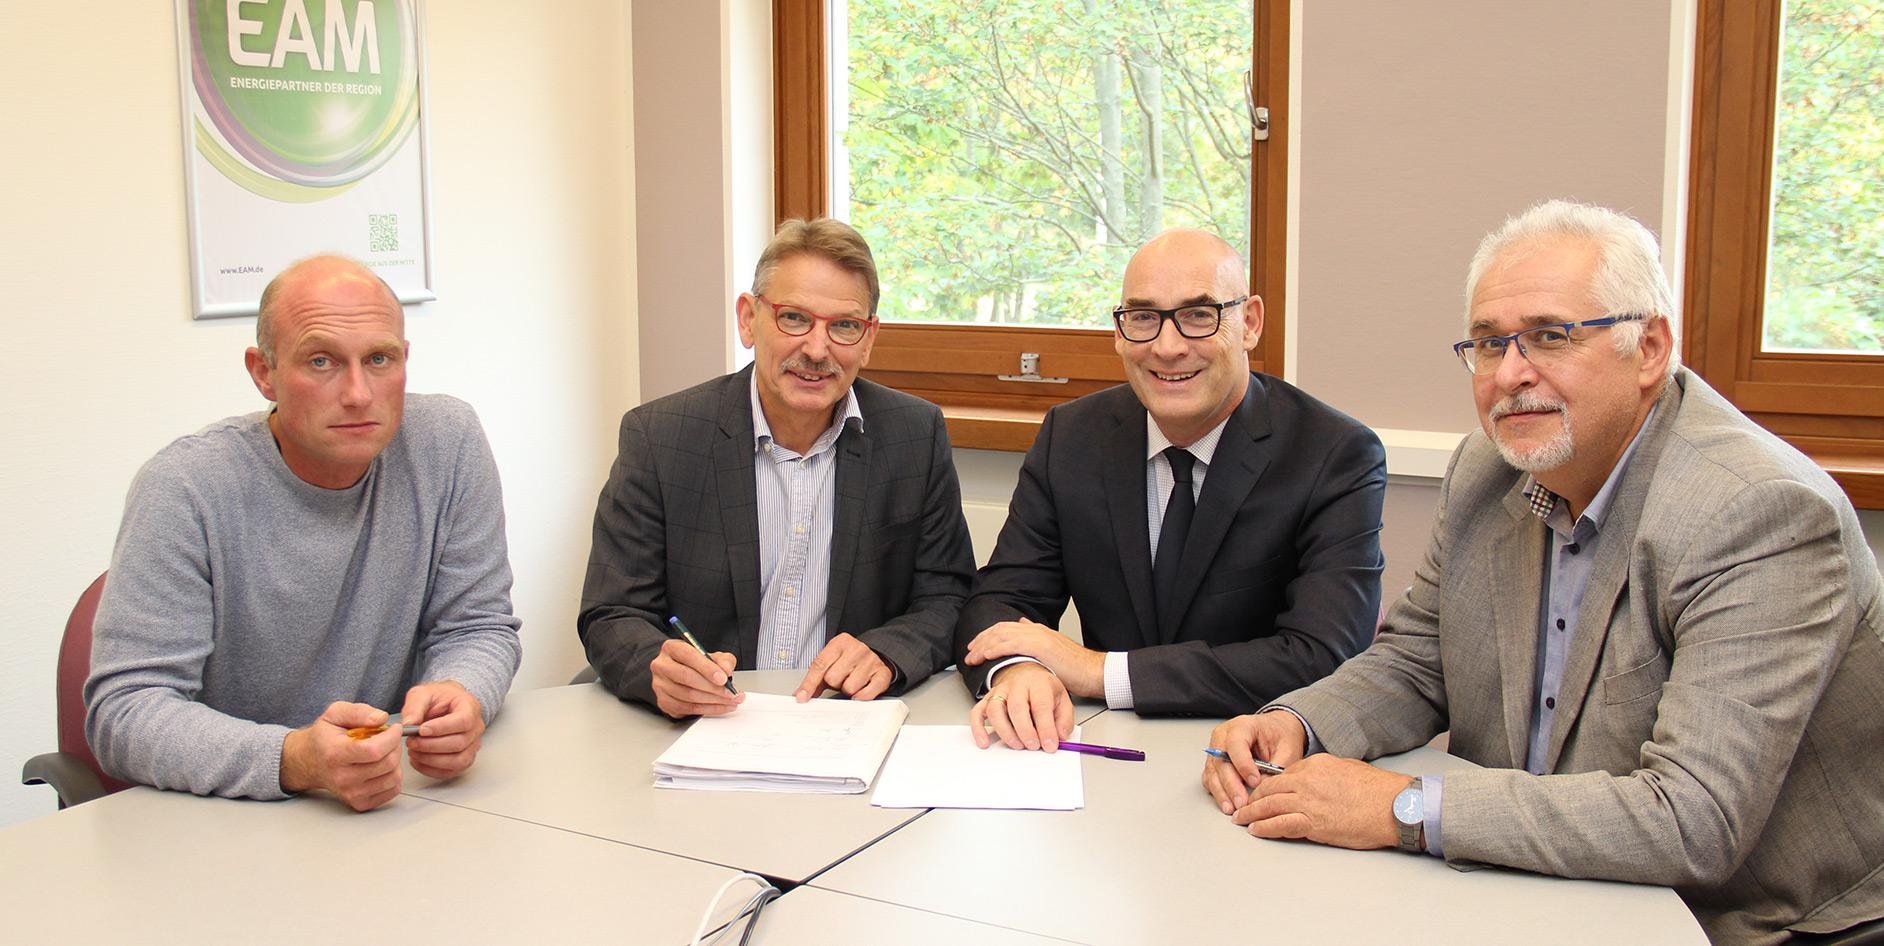 Die Kaufverträge zur Übernahme der Wärmeversorgung Jühnde durch die EAM wurden unterzeichnet.